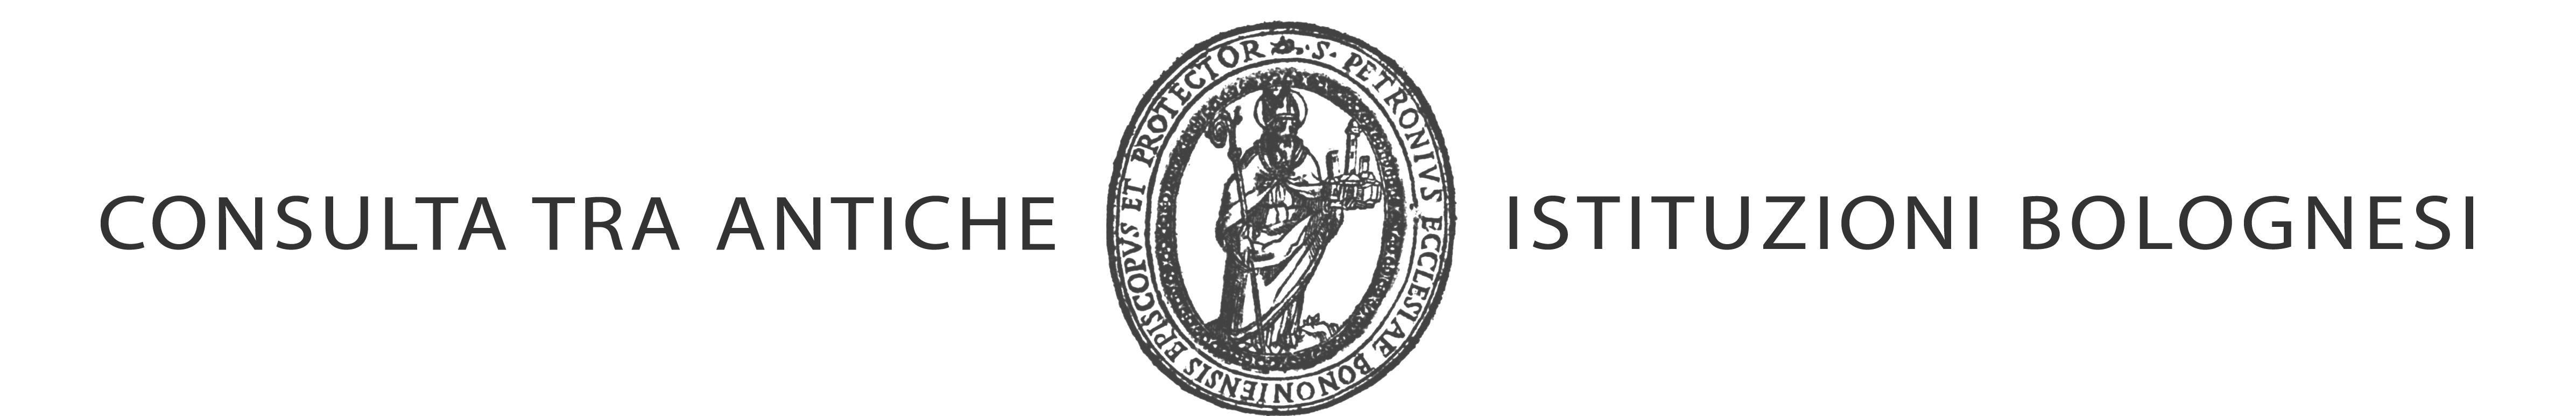 Consulta tra antiche istituzioni bolognesi